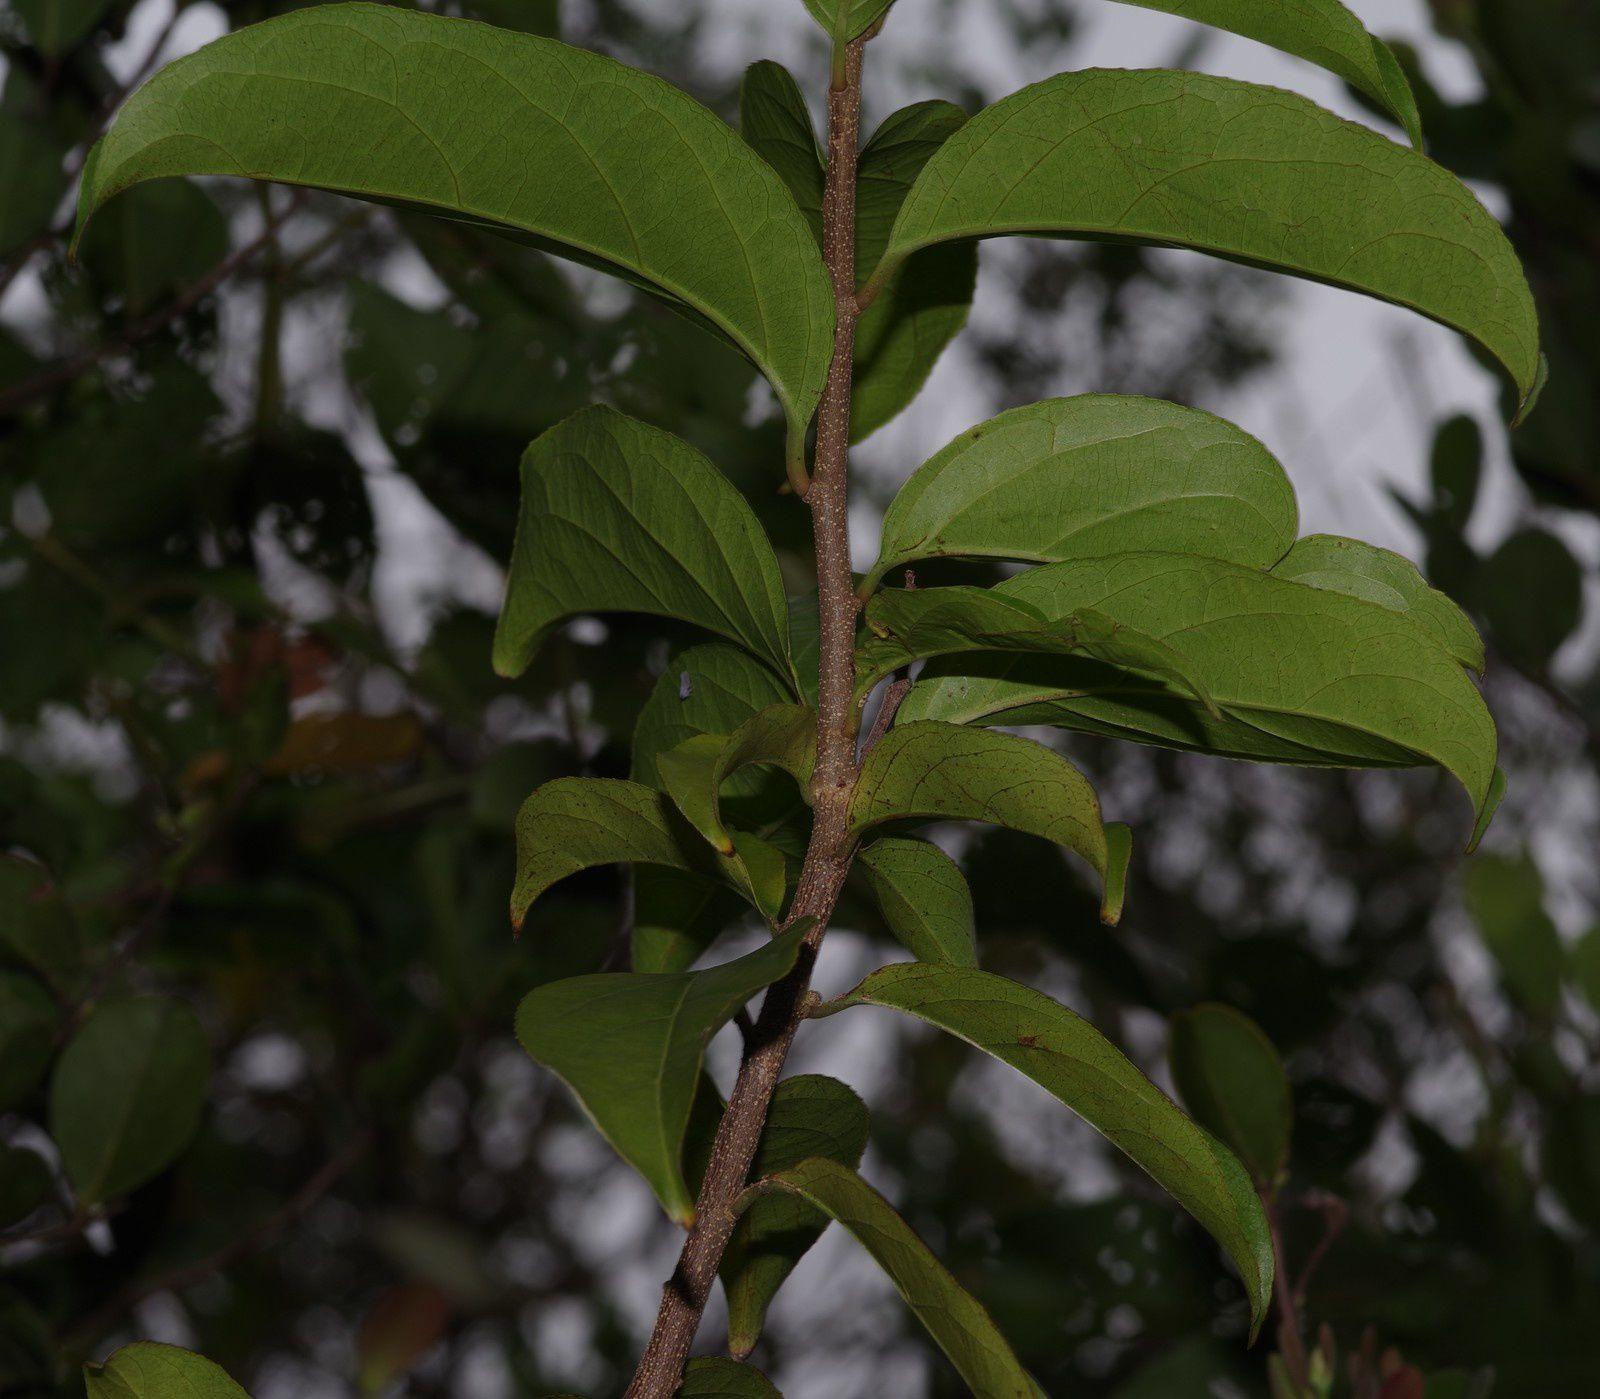 Calyptrion arboreum